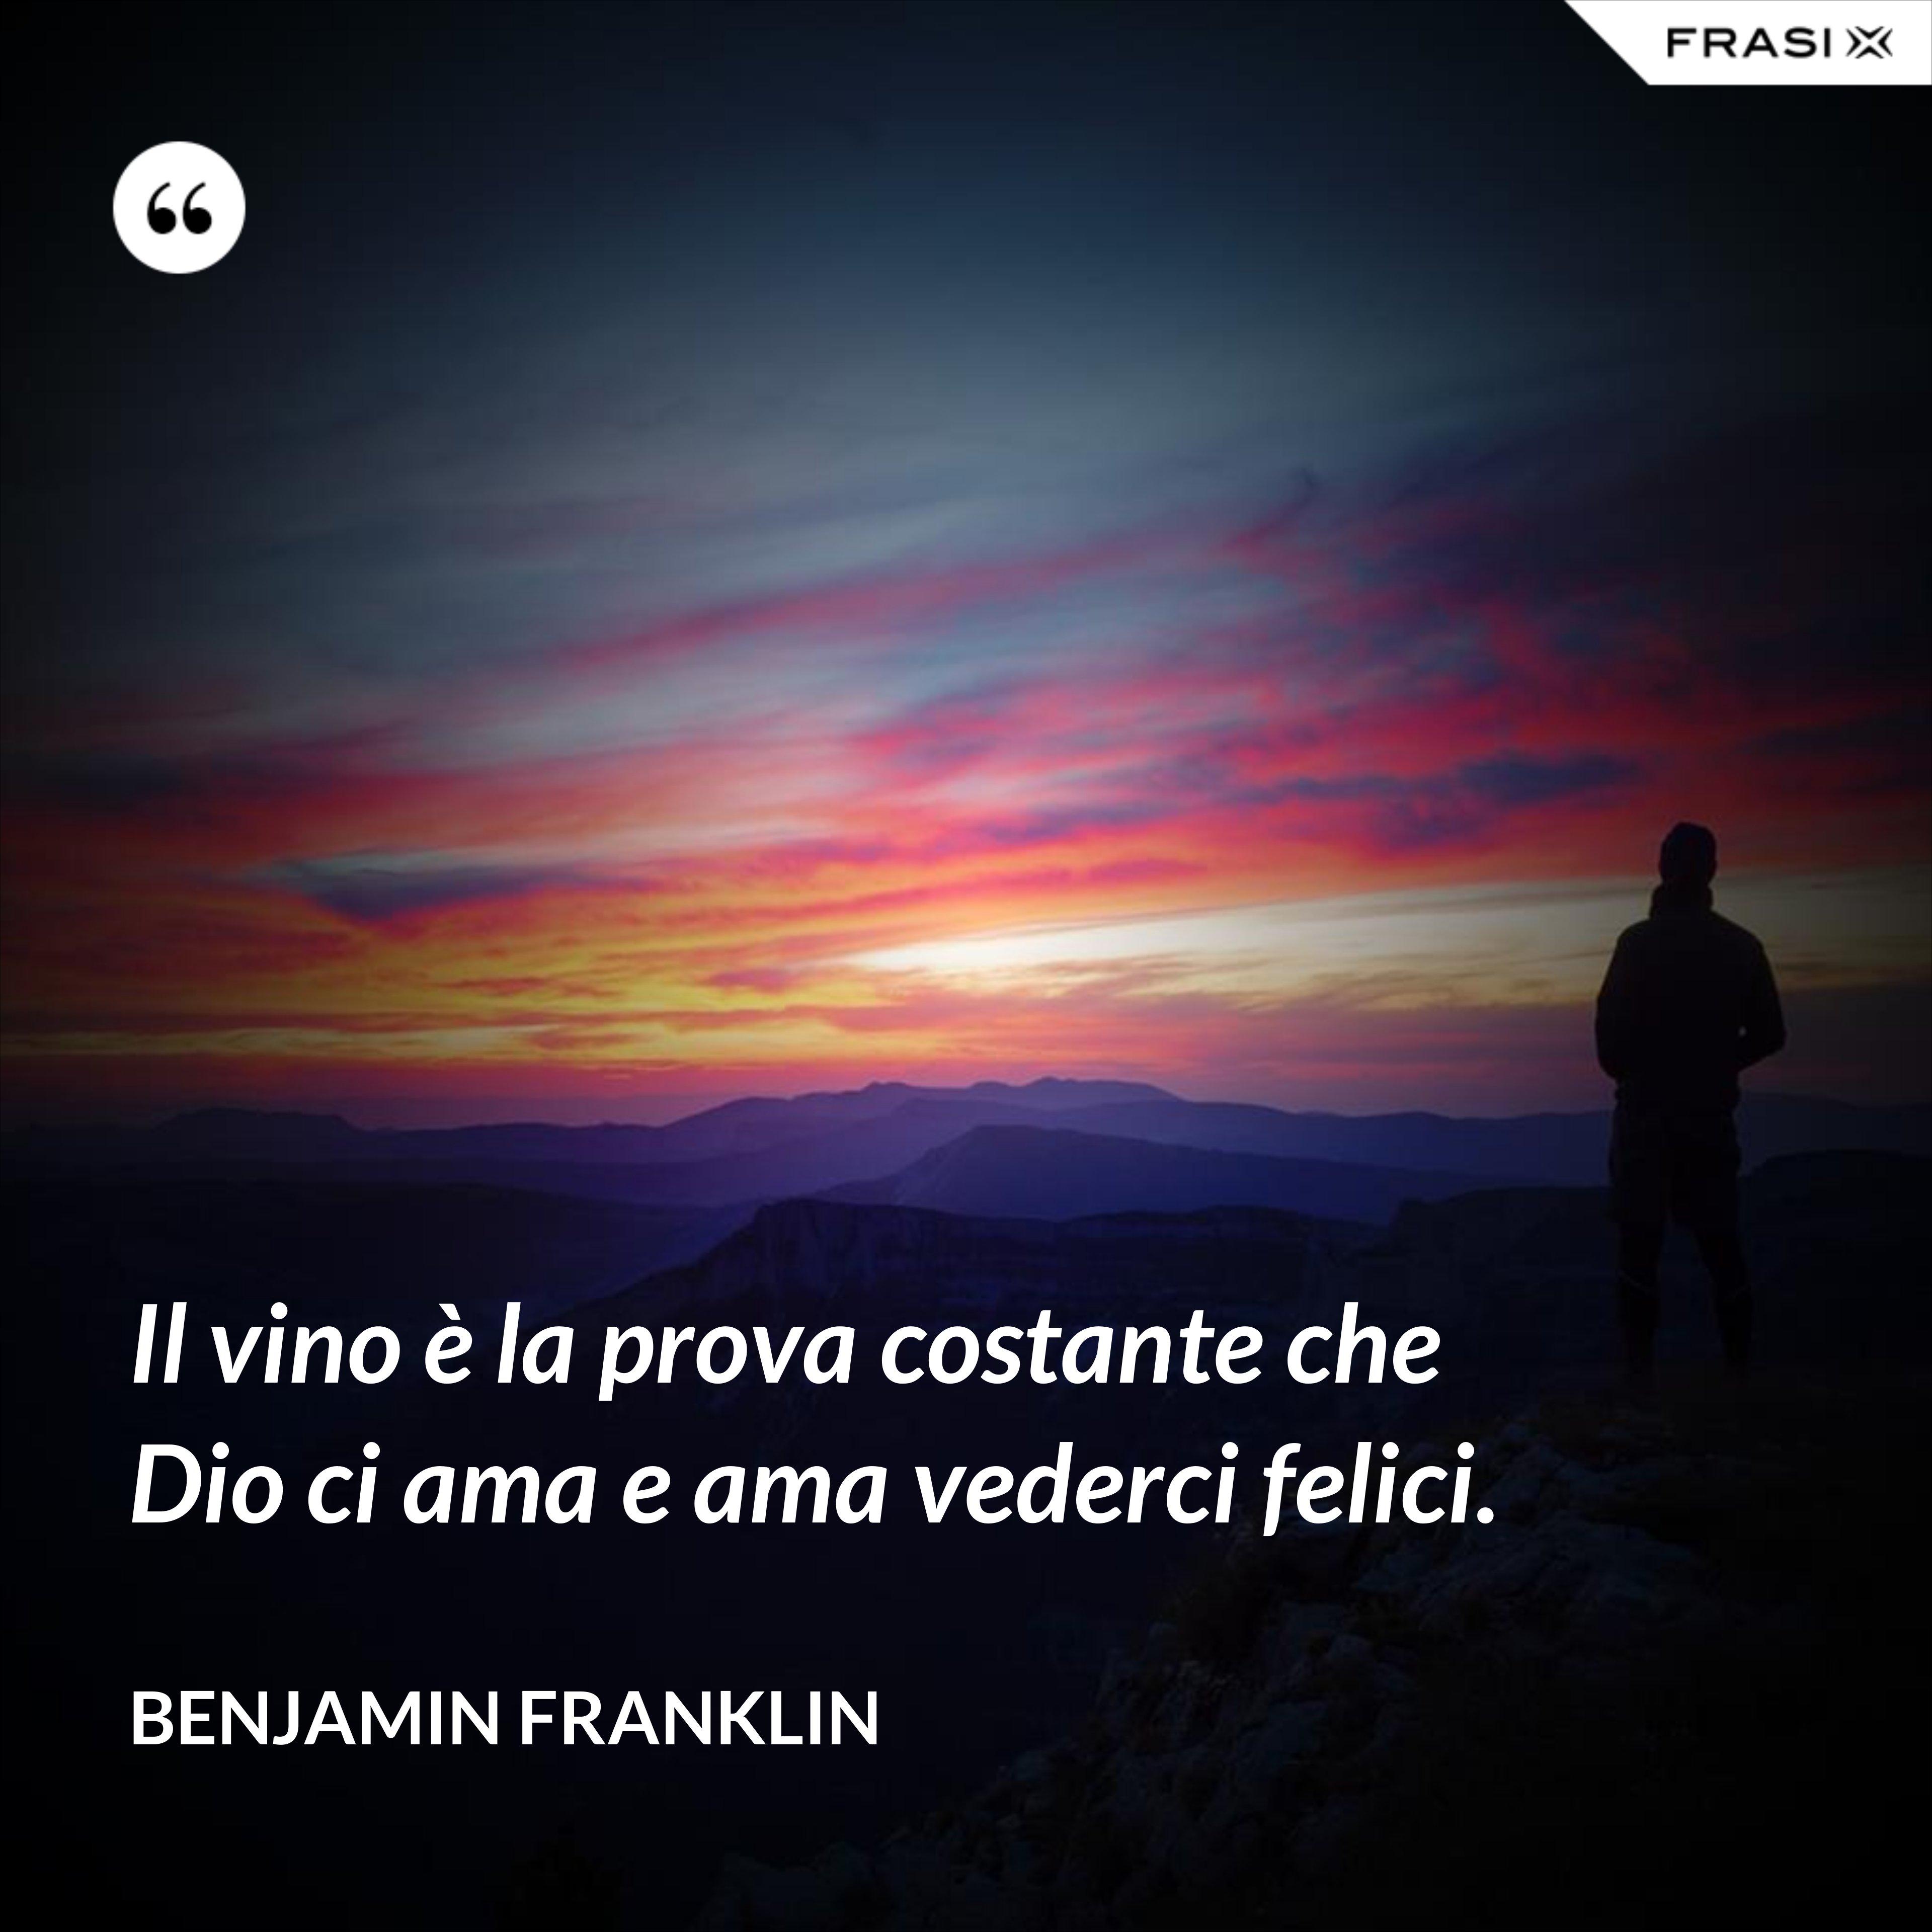 Il vino è la prova costante che Dio ci ama e ama vederci felici. - Benjamin Franklin